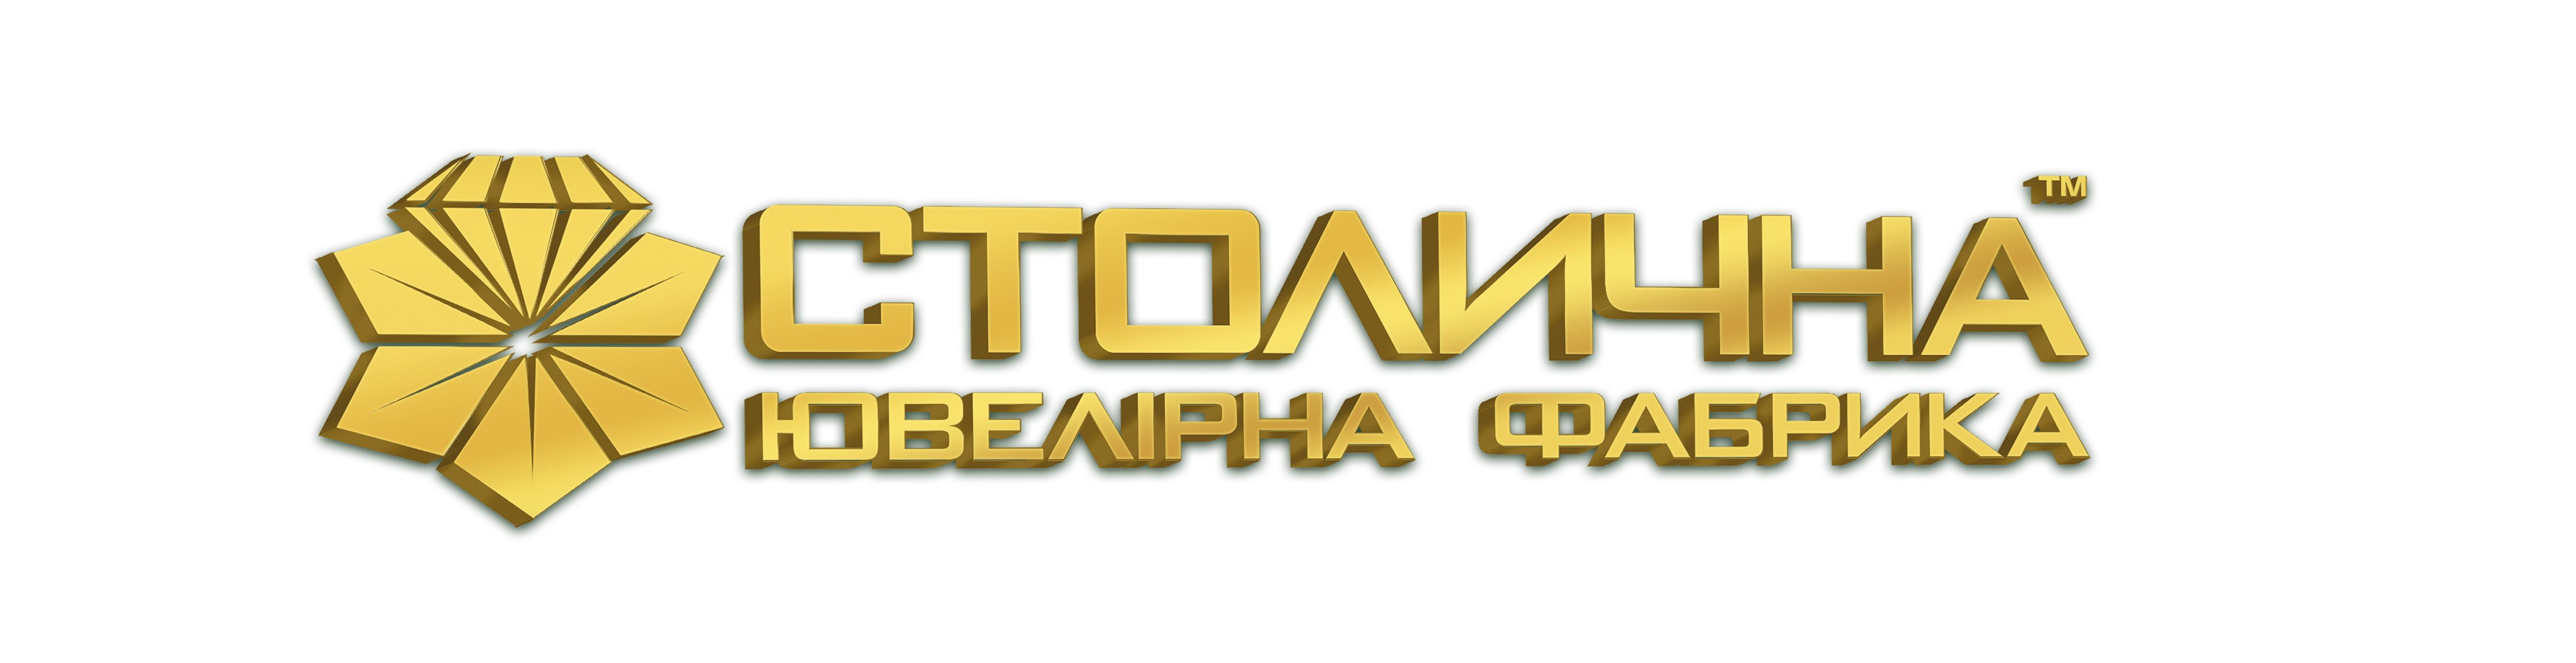 Logo (ispolzyemuy)